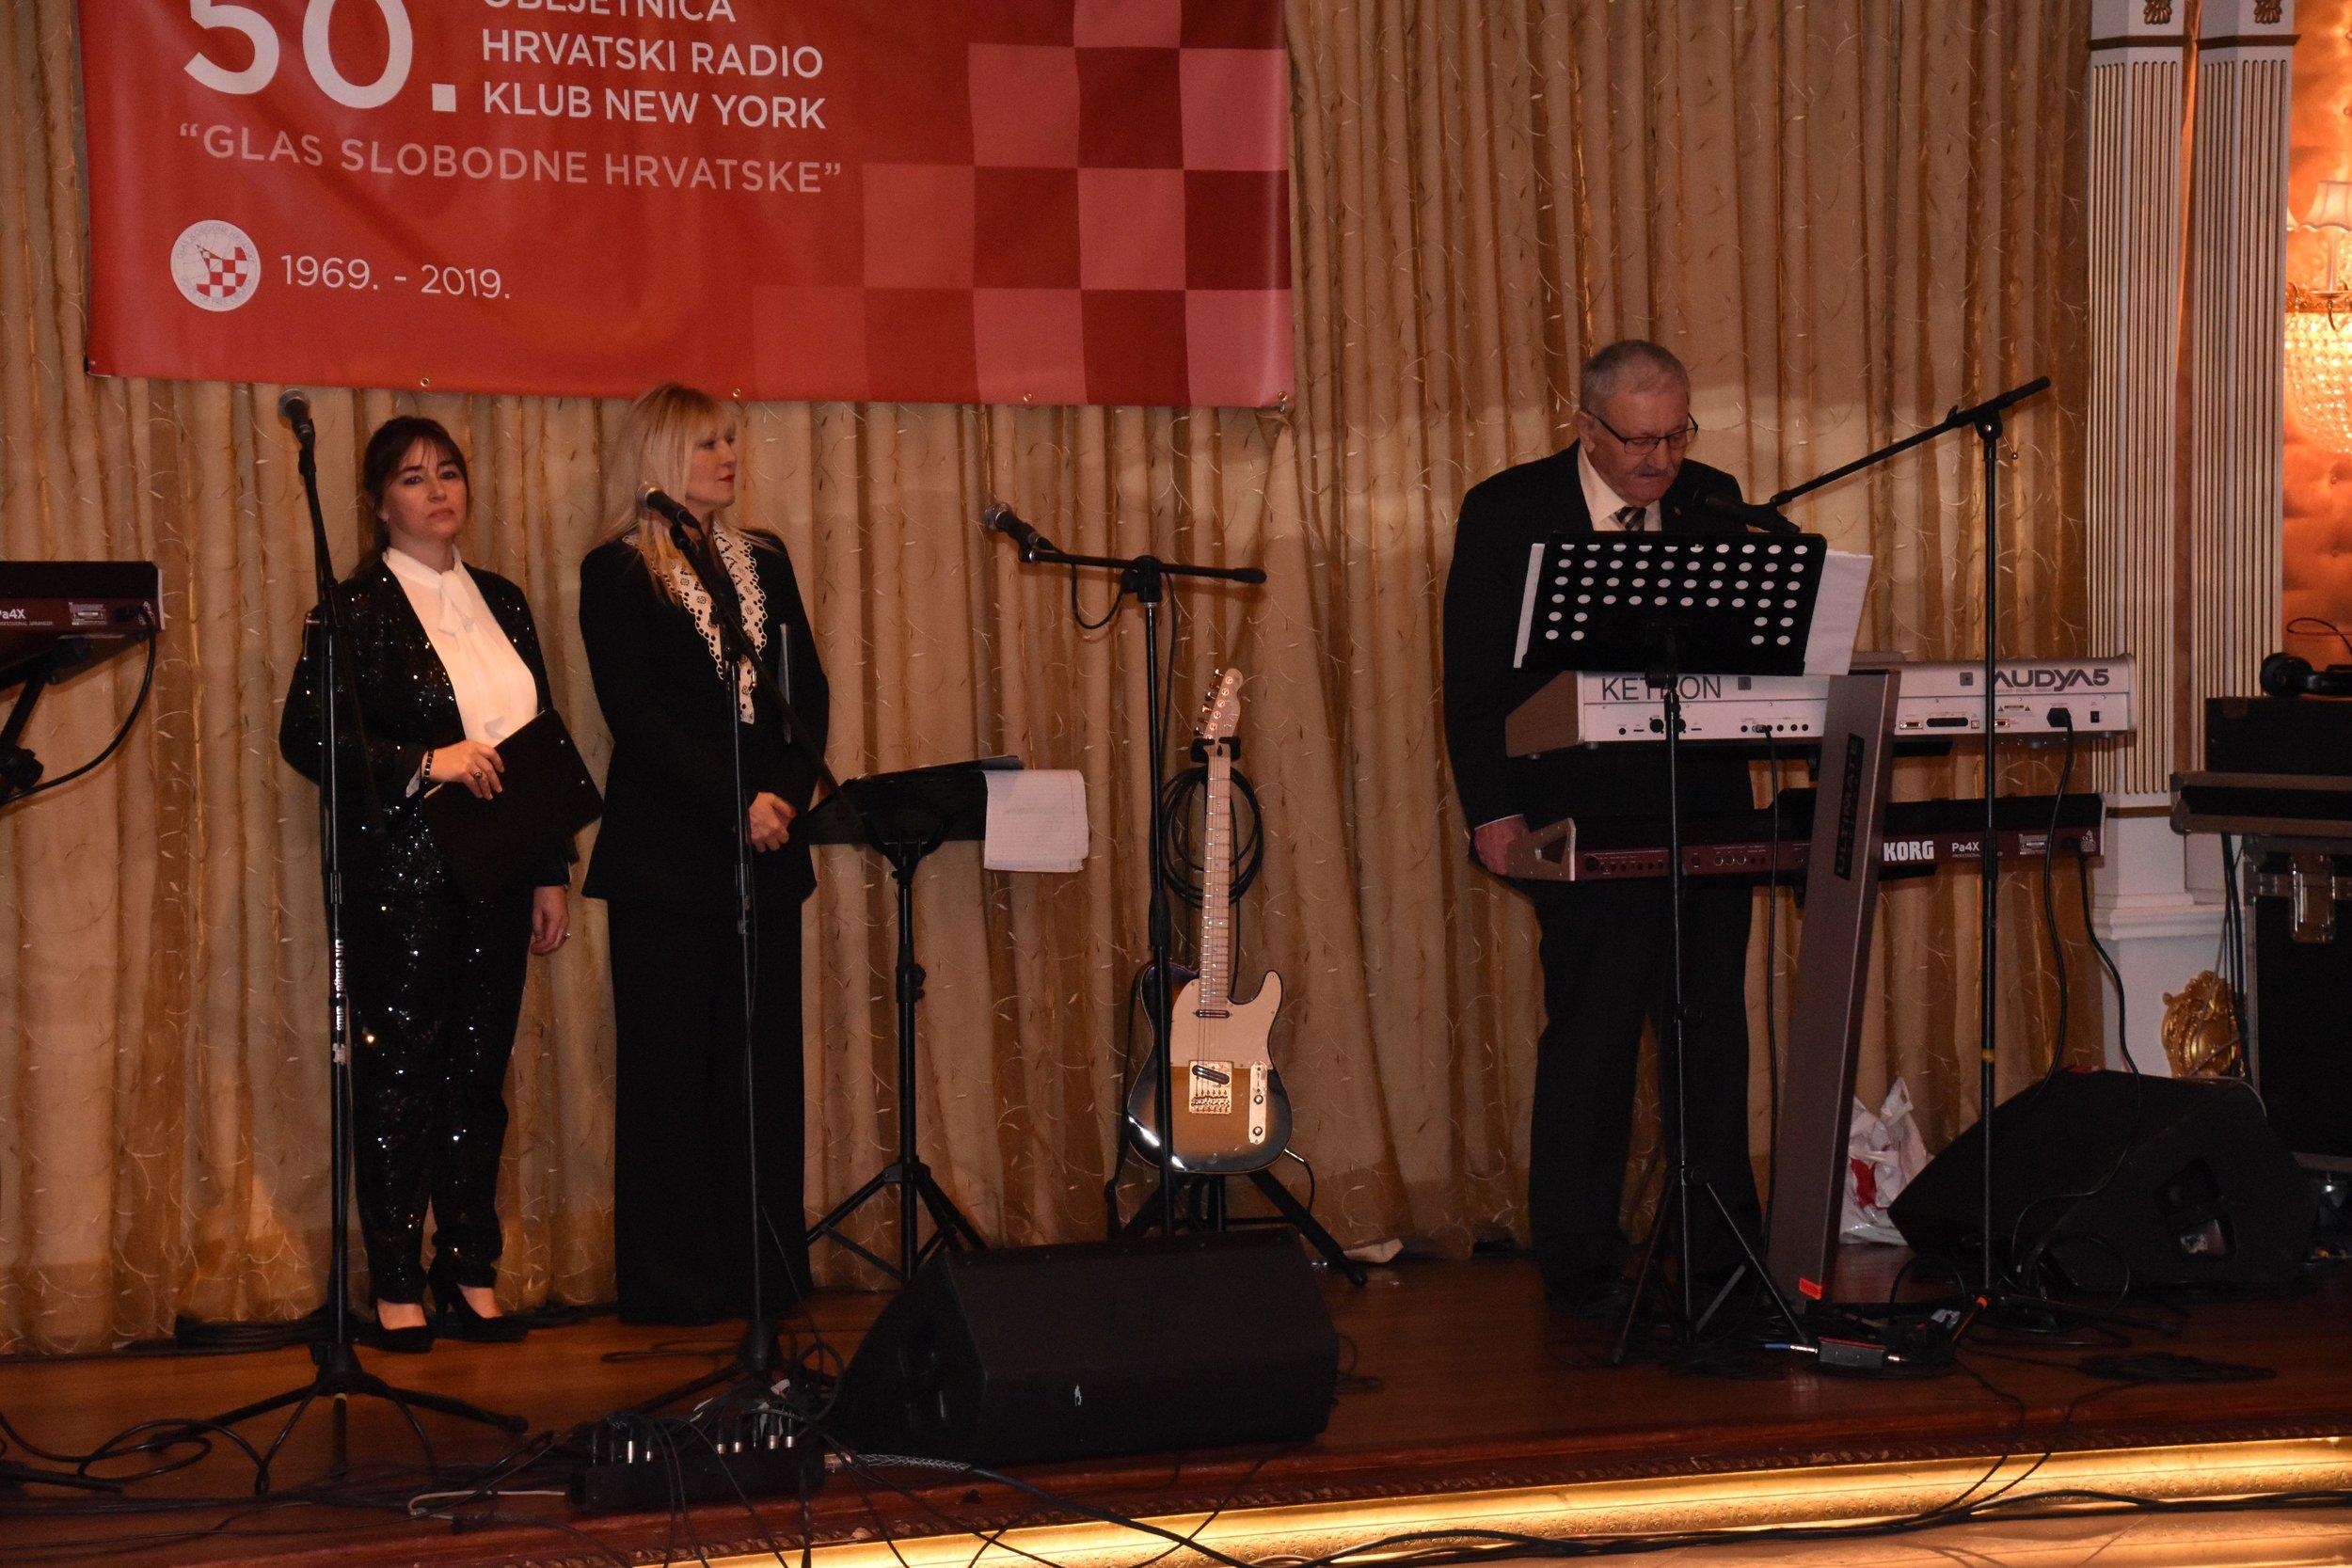 50. obljetnica Hrvatskog radio kluba NY